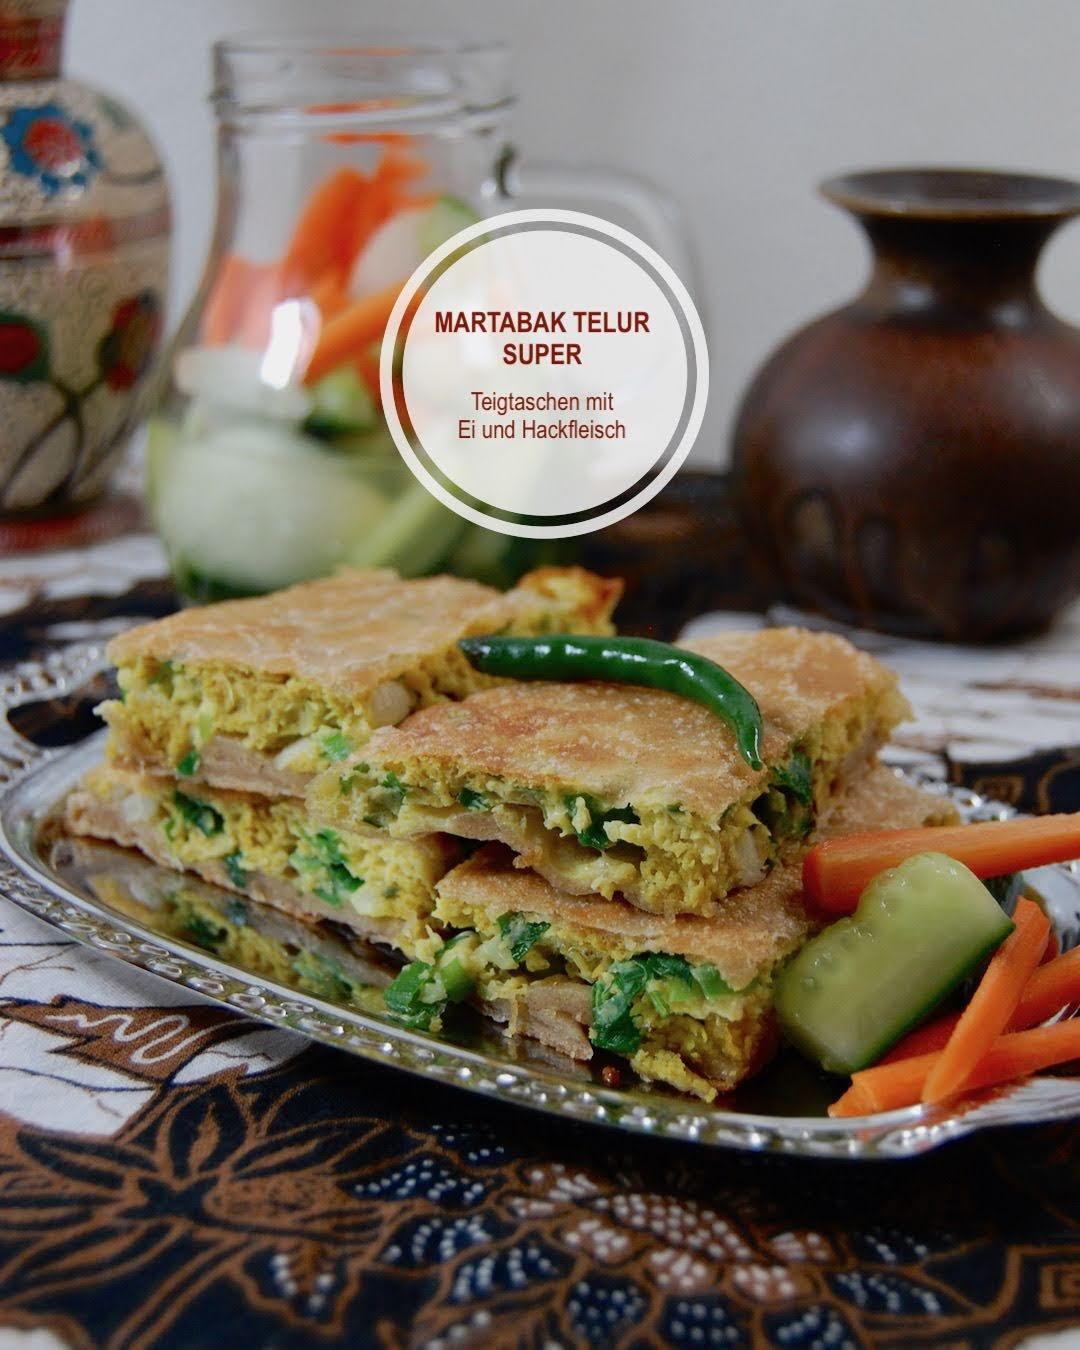 Martabak Telur Super, Frittierte Teigtaschen aus Bali